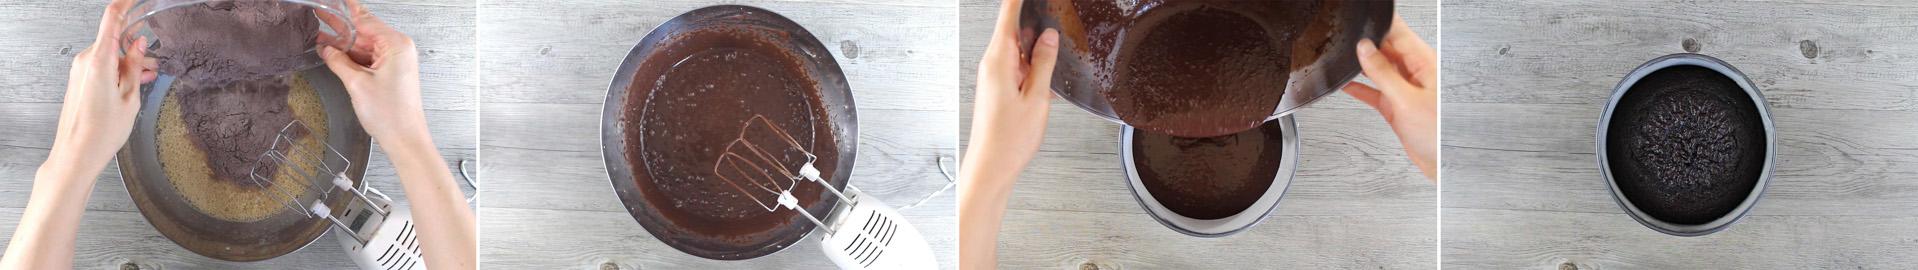 preparazione torta al cioccolato al fondente